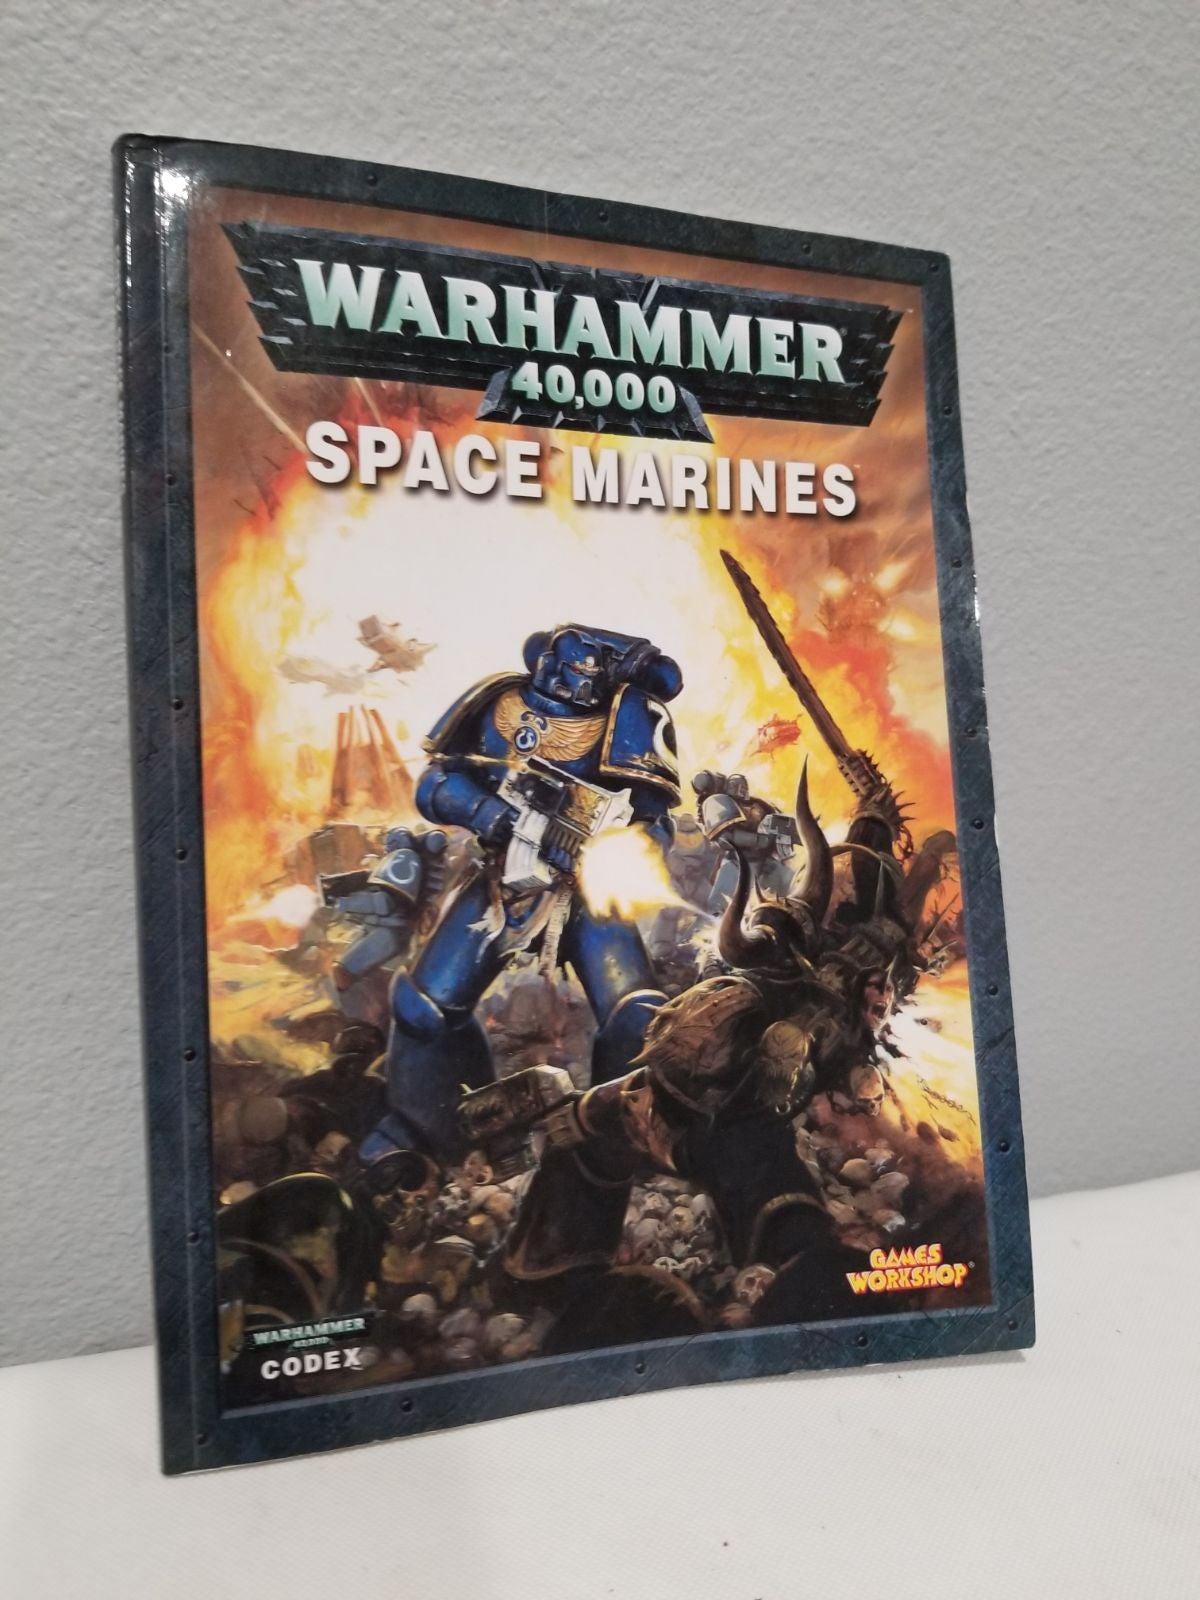 Codex Space Marines by Matthew Ward